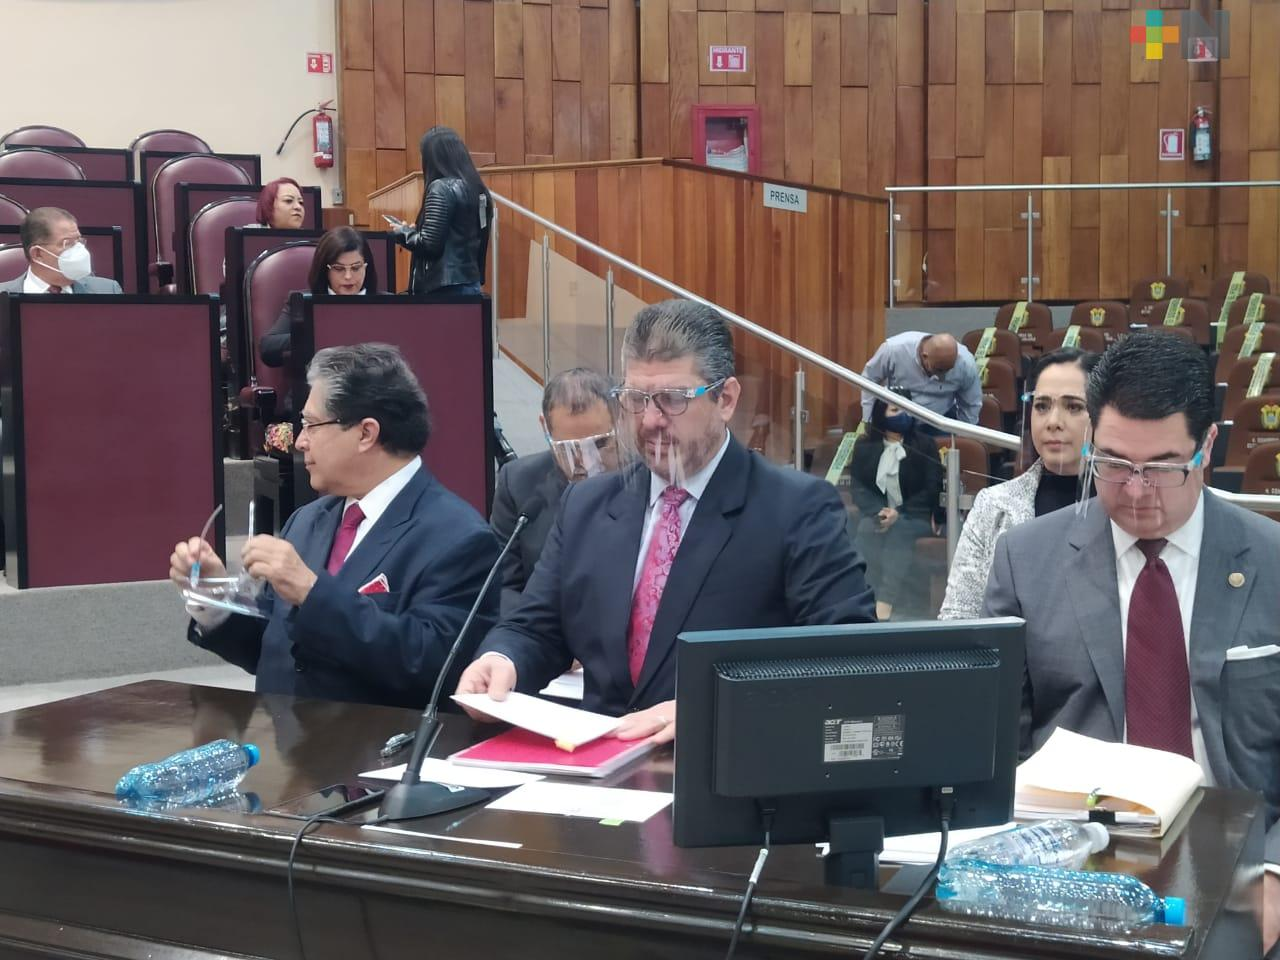 A pesar de pandemia, crece  inversión extranjera en Veracruz 9 por ciento más que el año pasado: SEDECOP